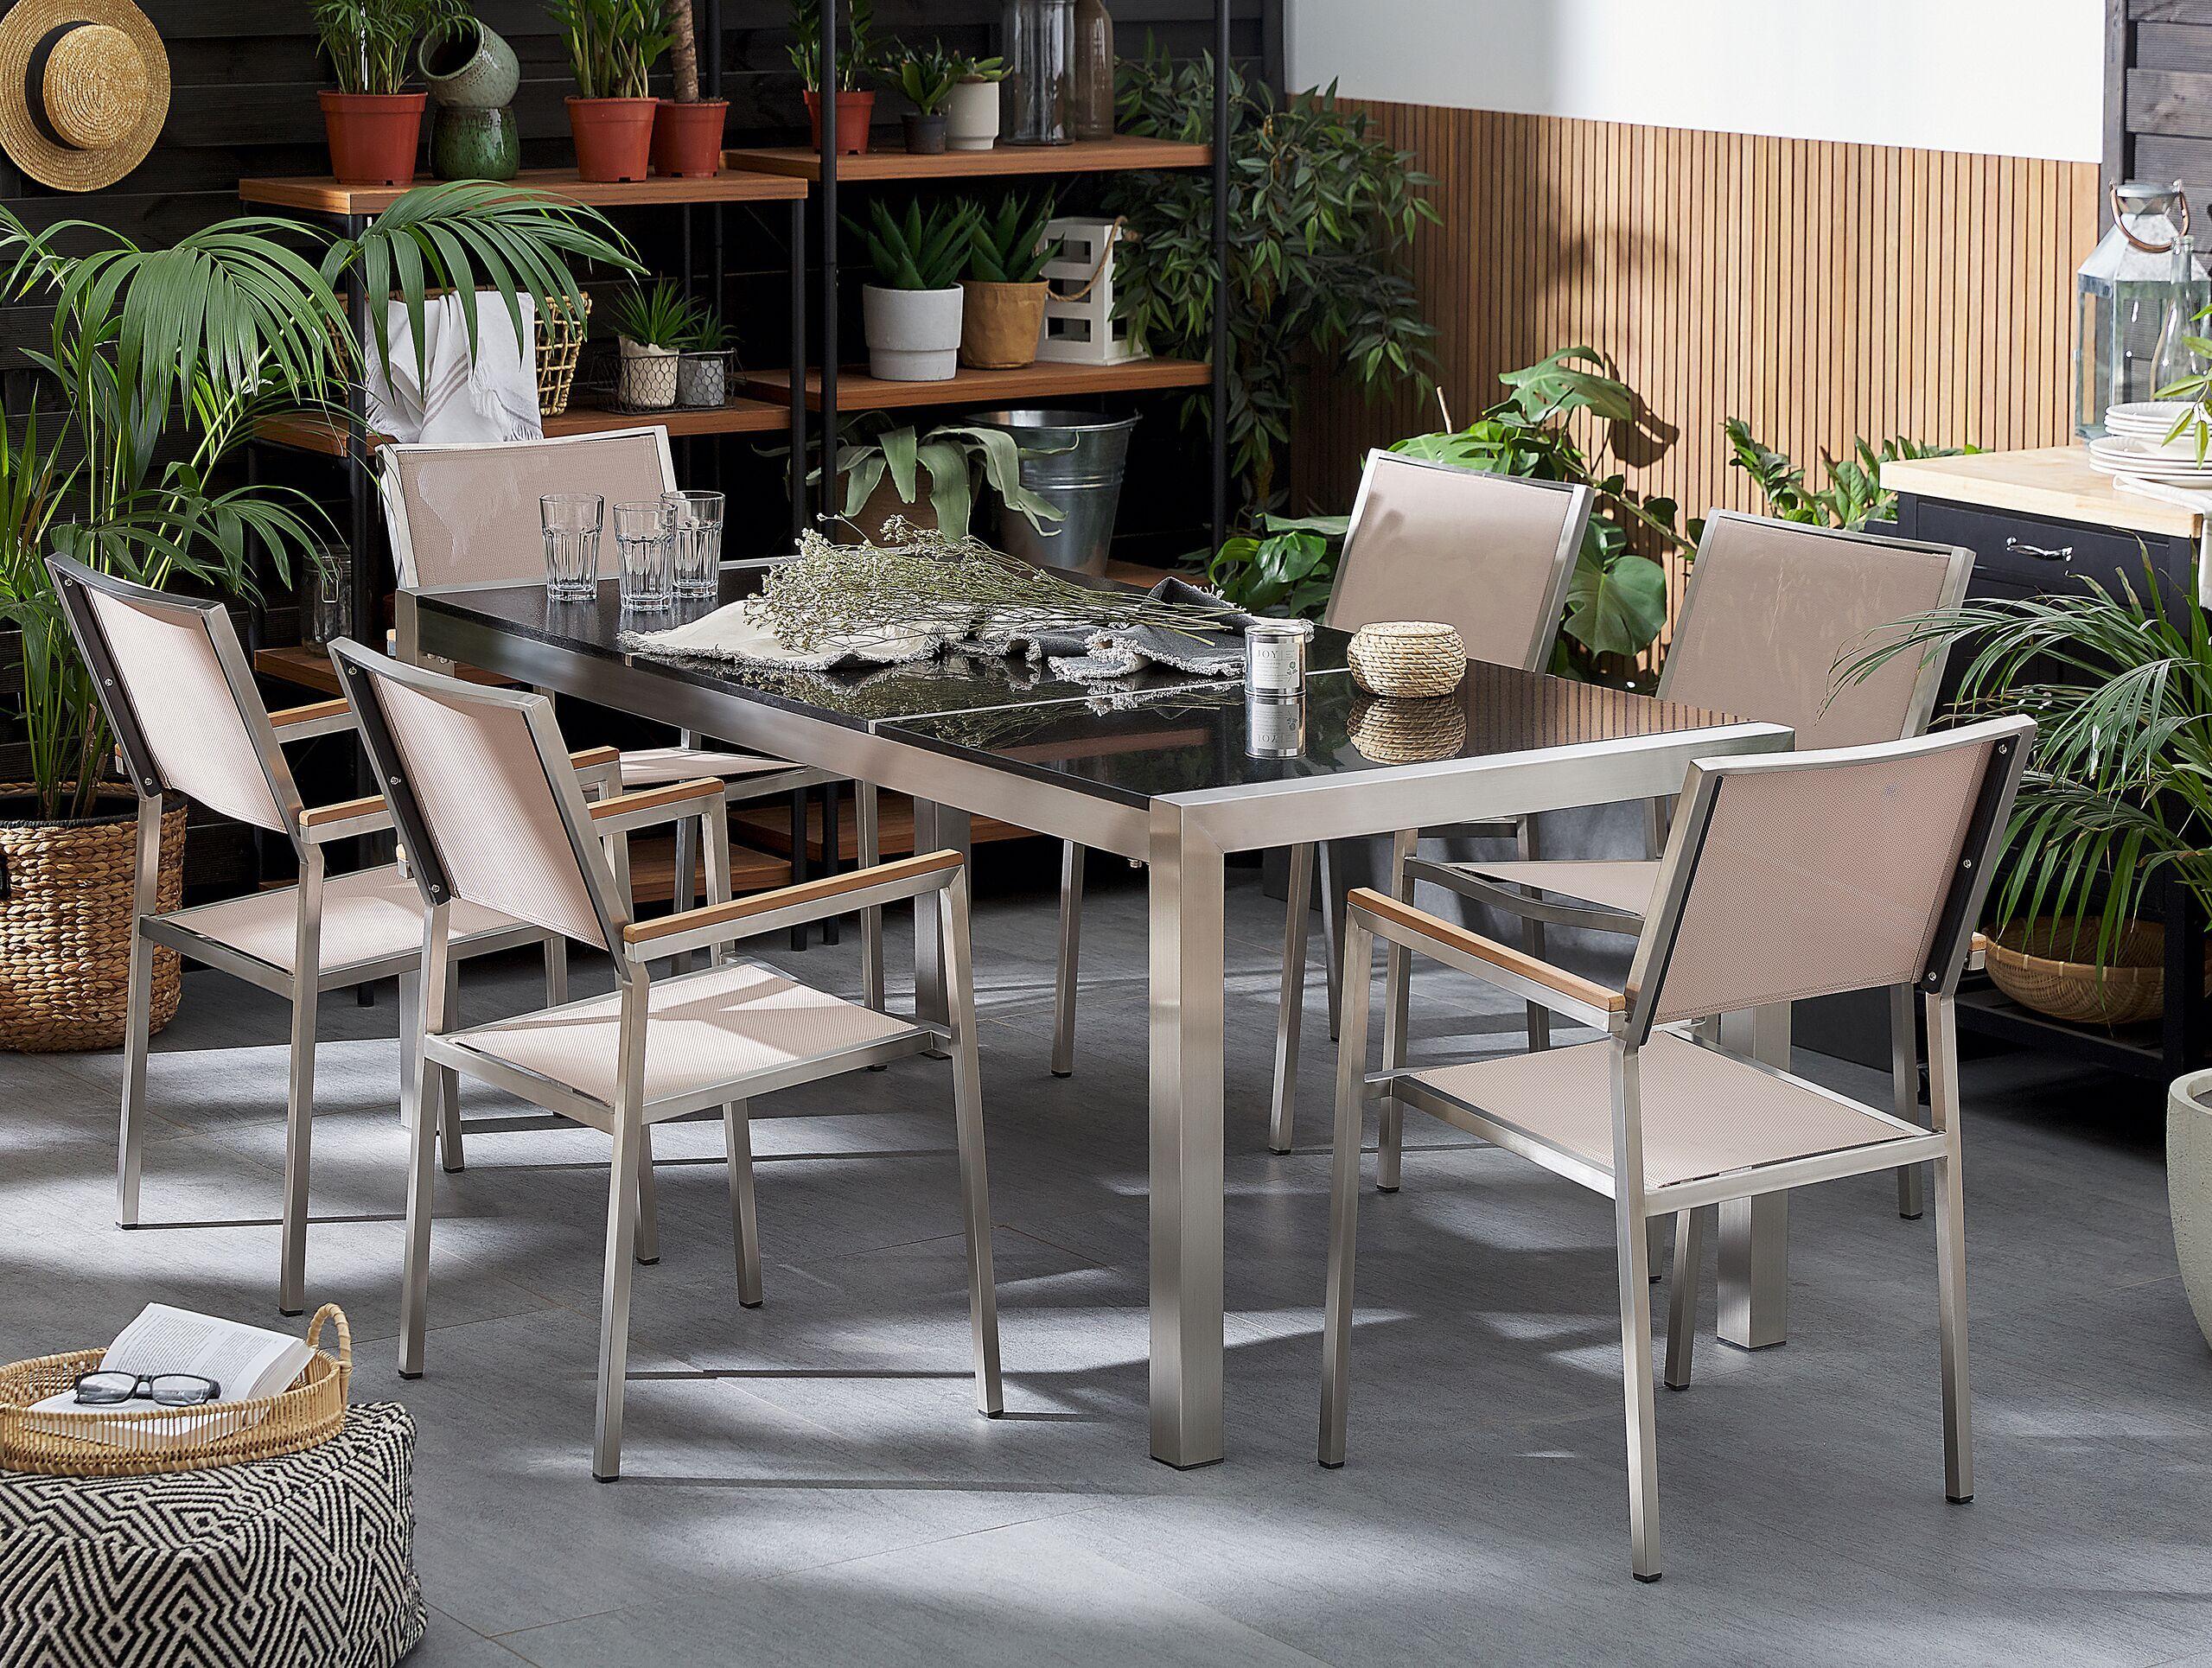 beliani tavolo da giardino granito nero gambe acciaio argento 180 x 90 cm